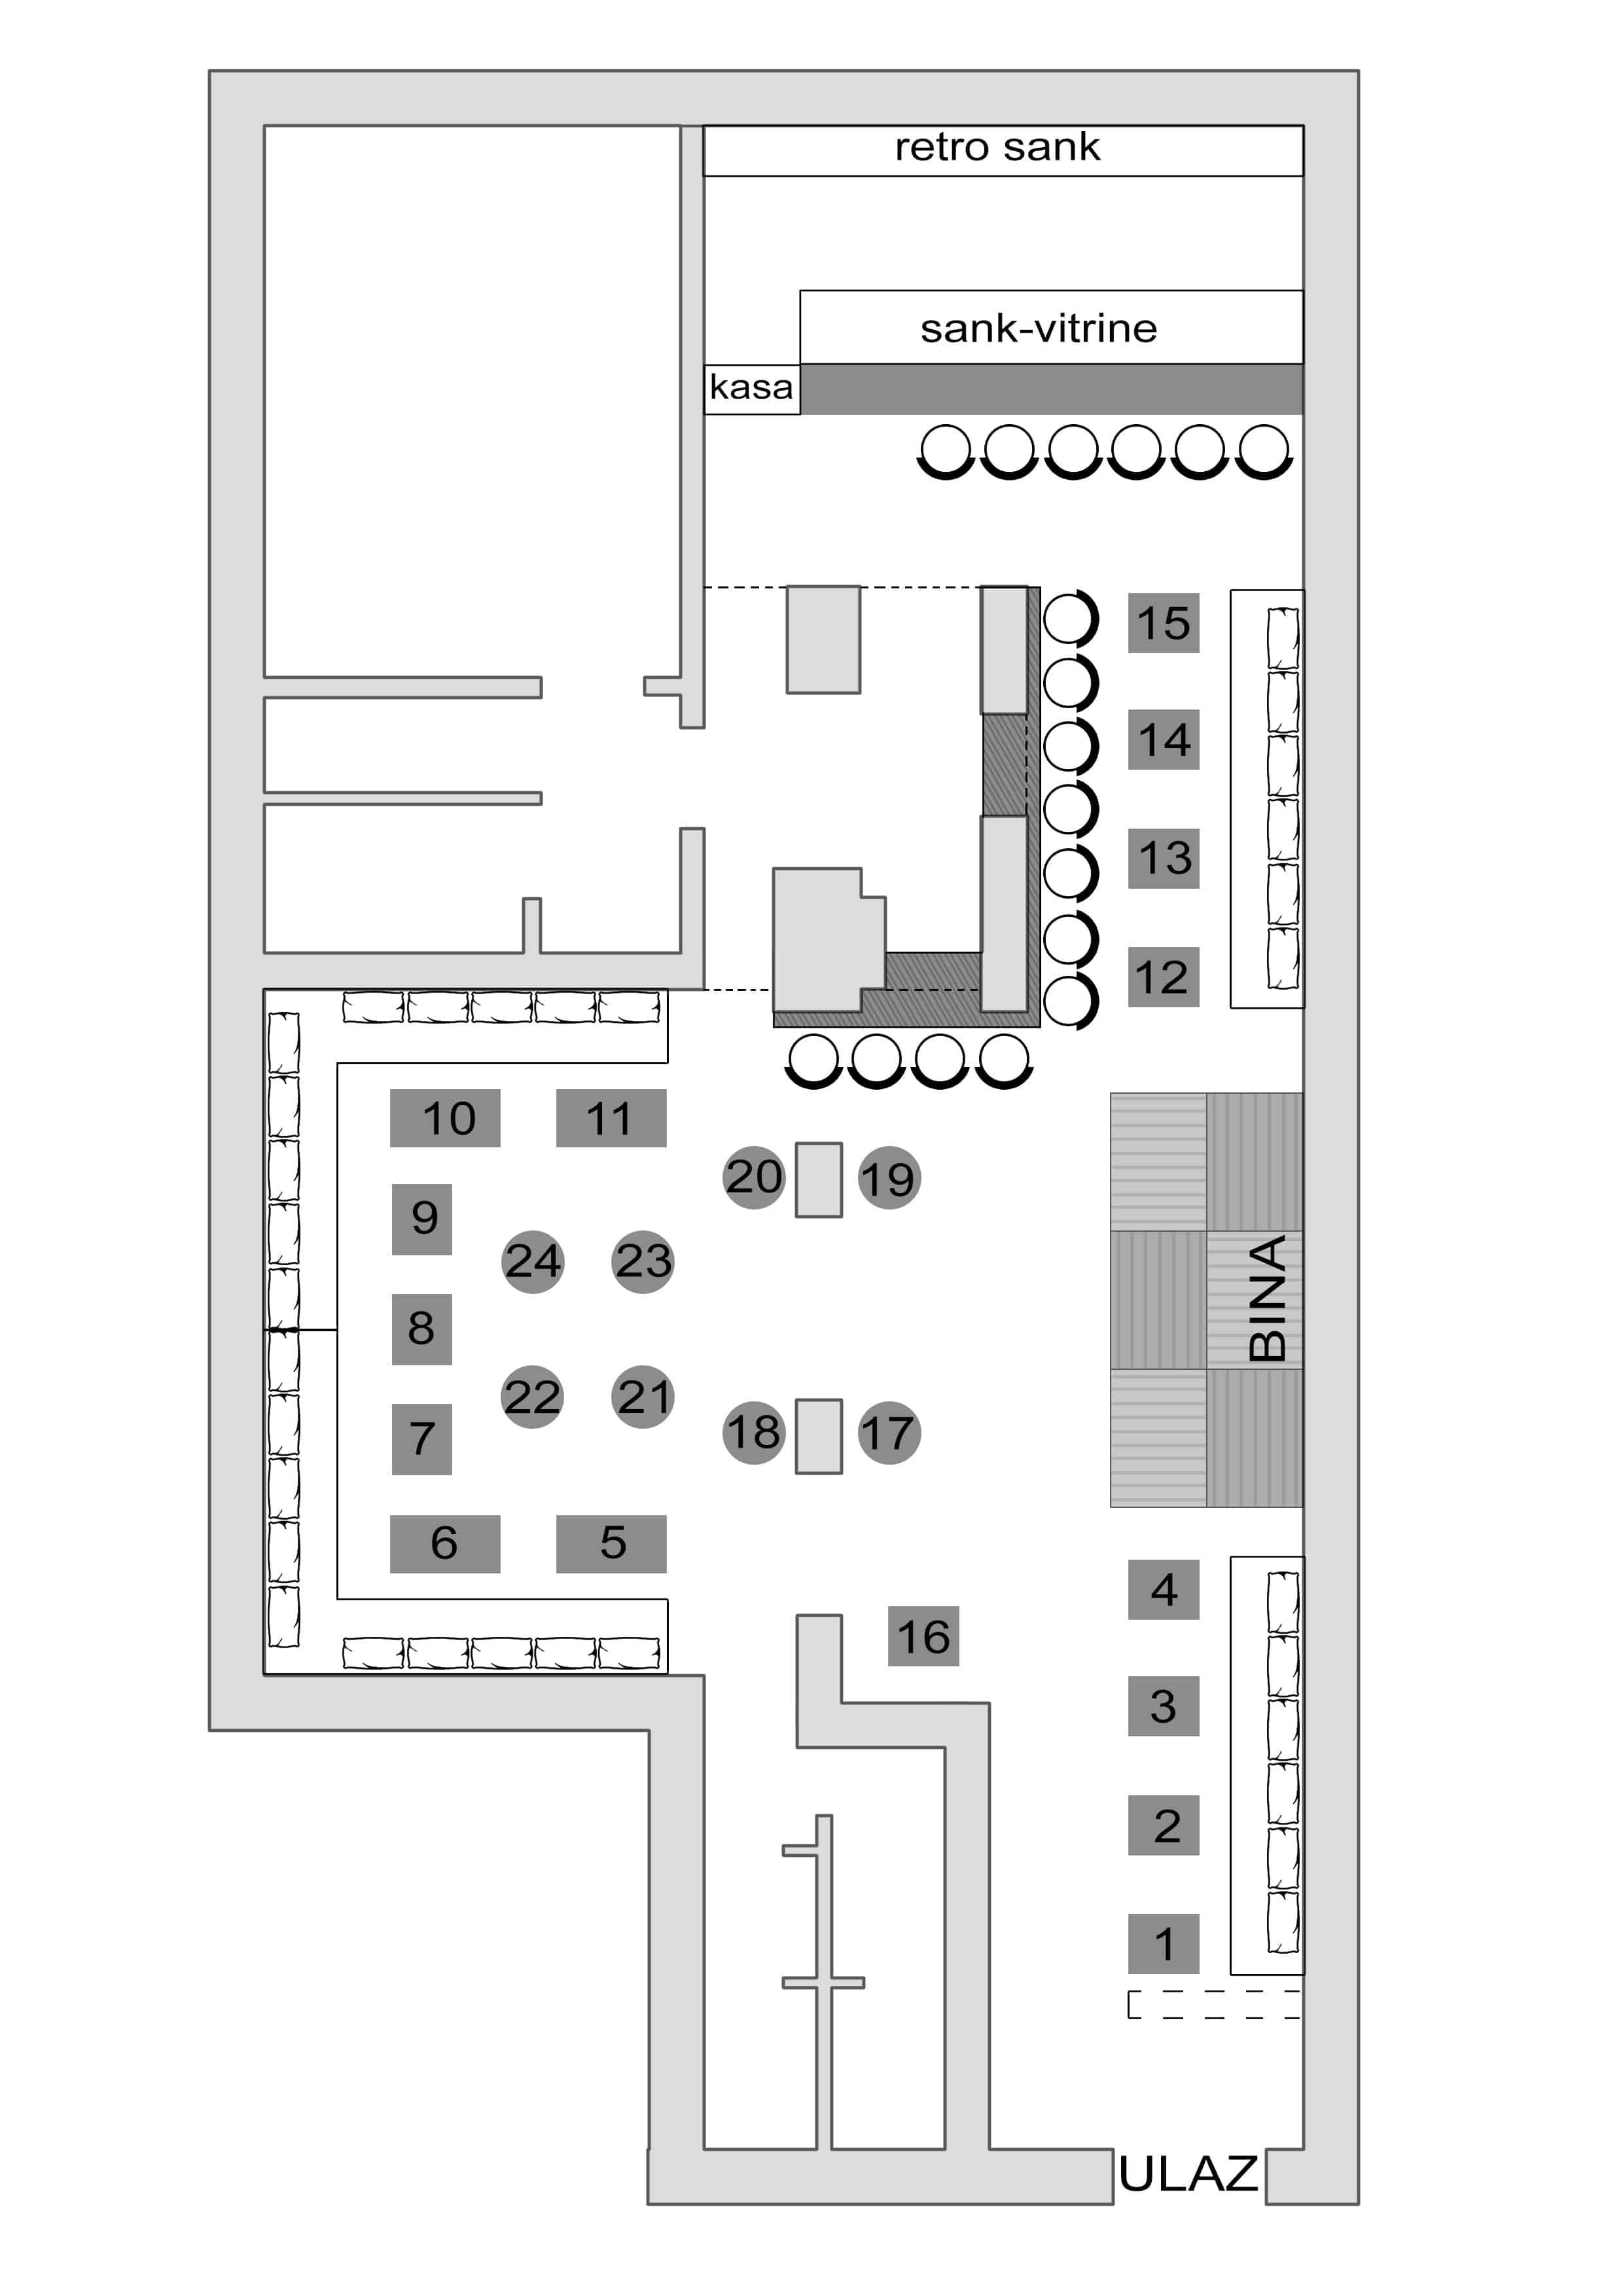 Docek Nove godine Beograd 2020 Ambasada mapa